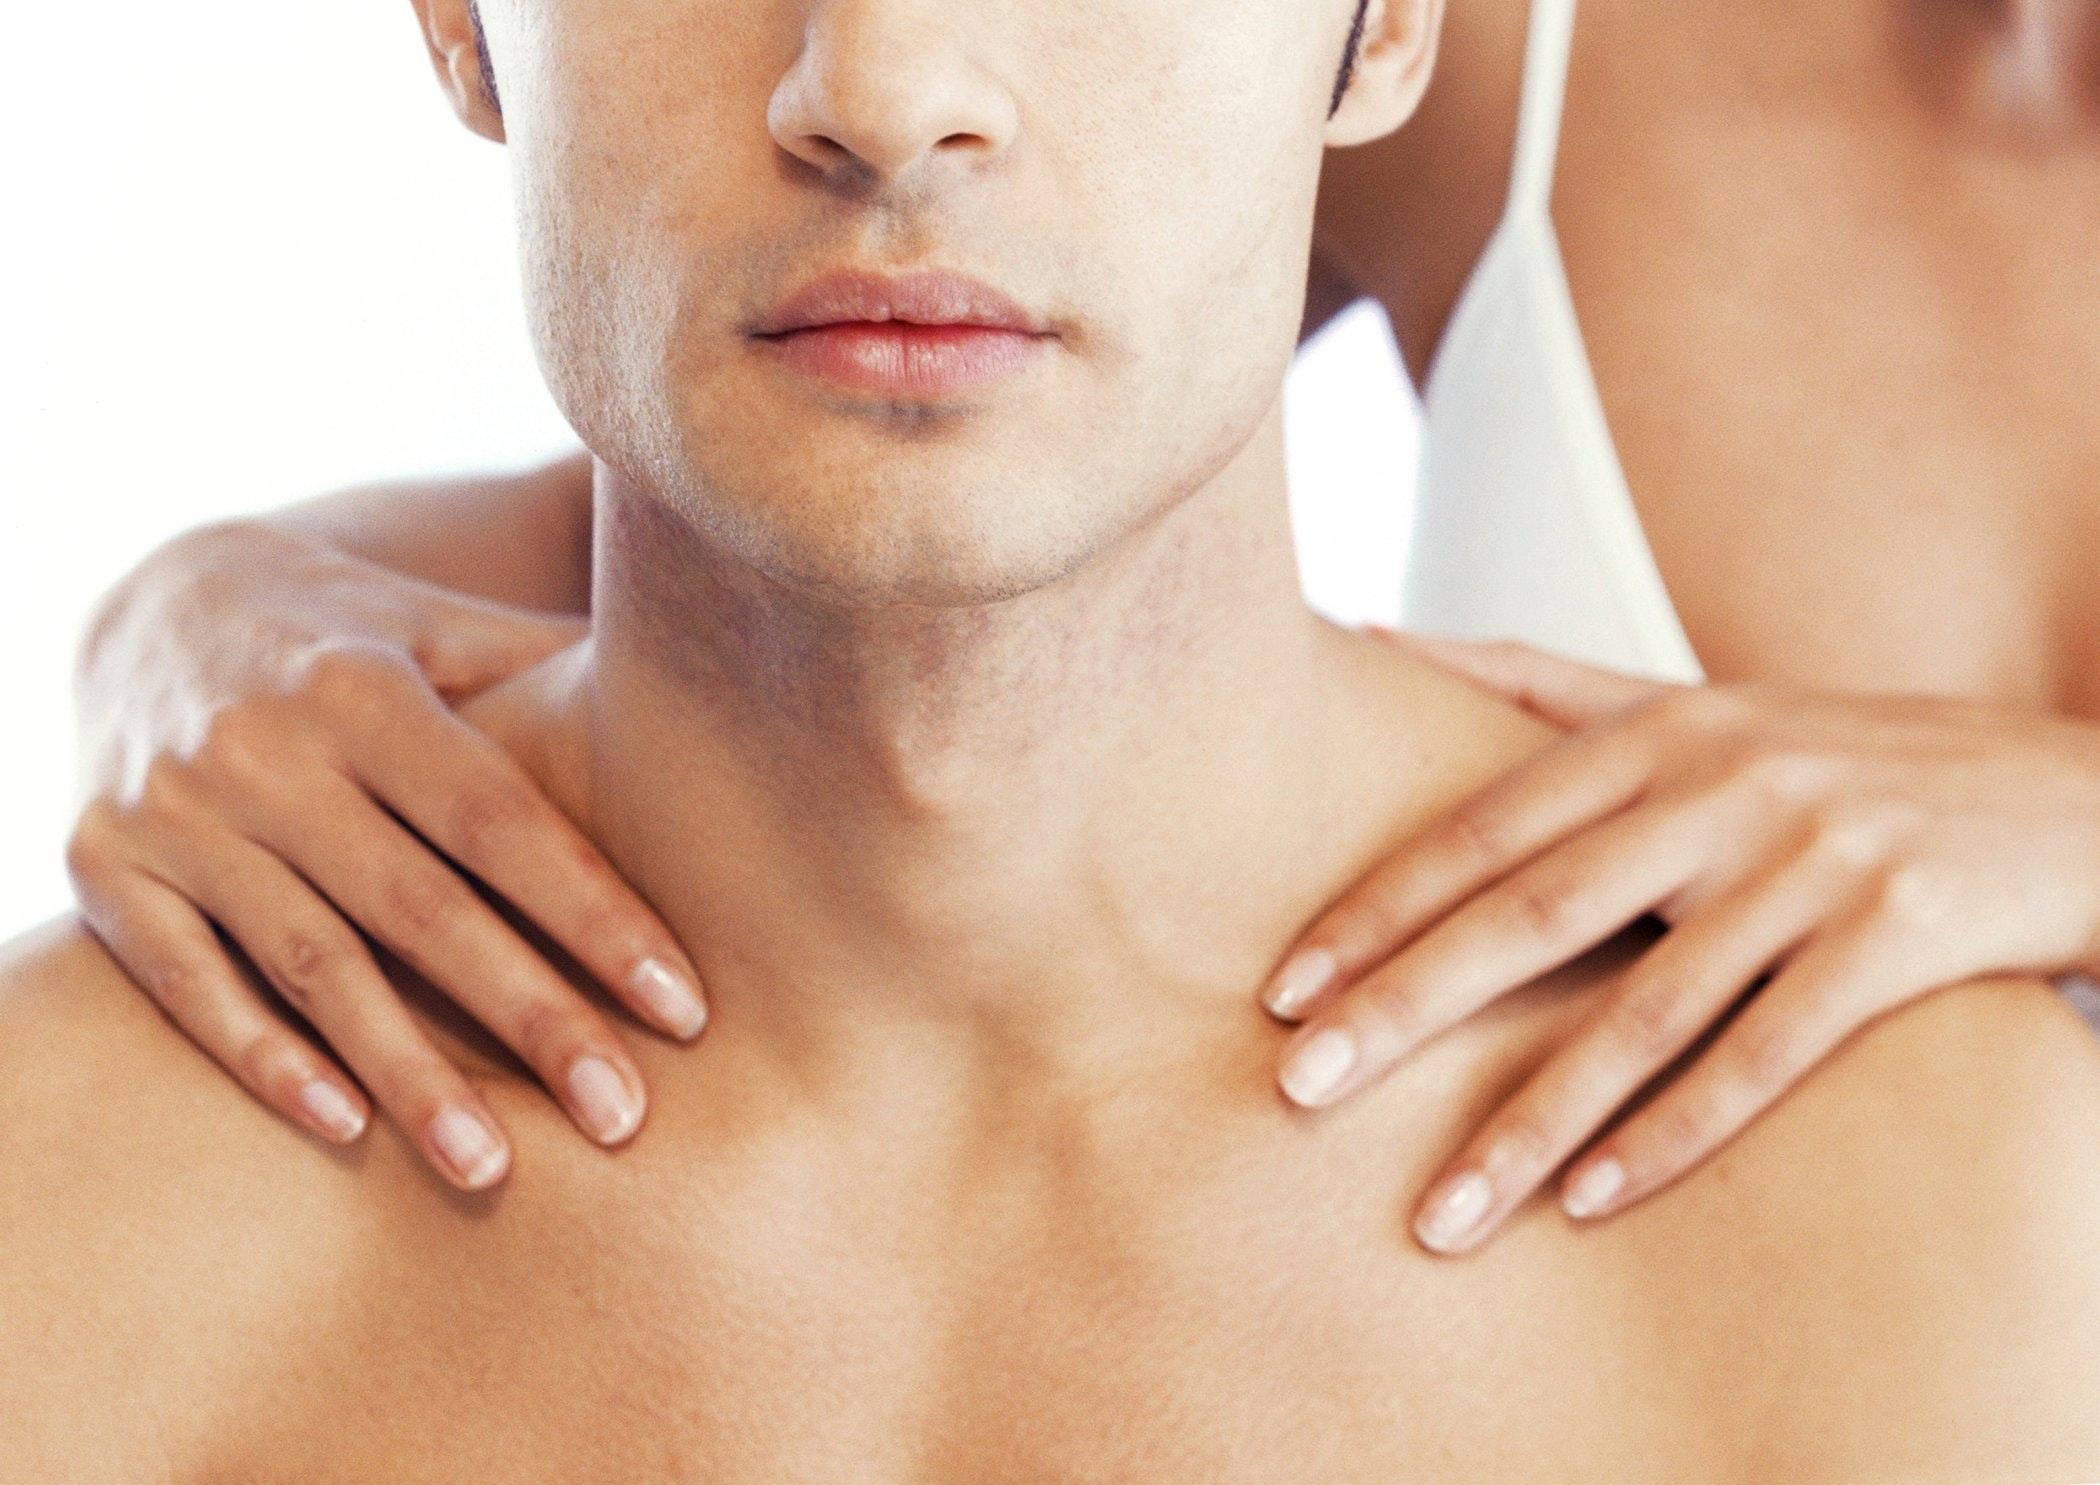 erotiska tips sensuell massage skåne